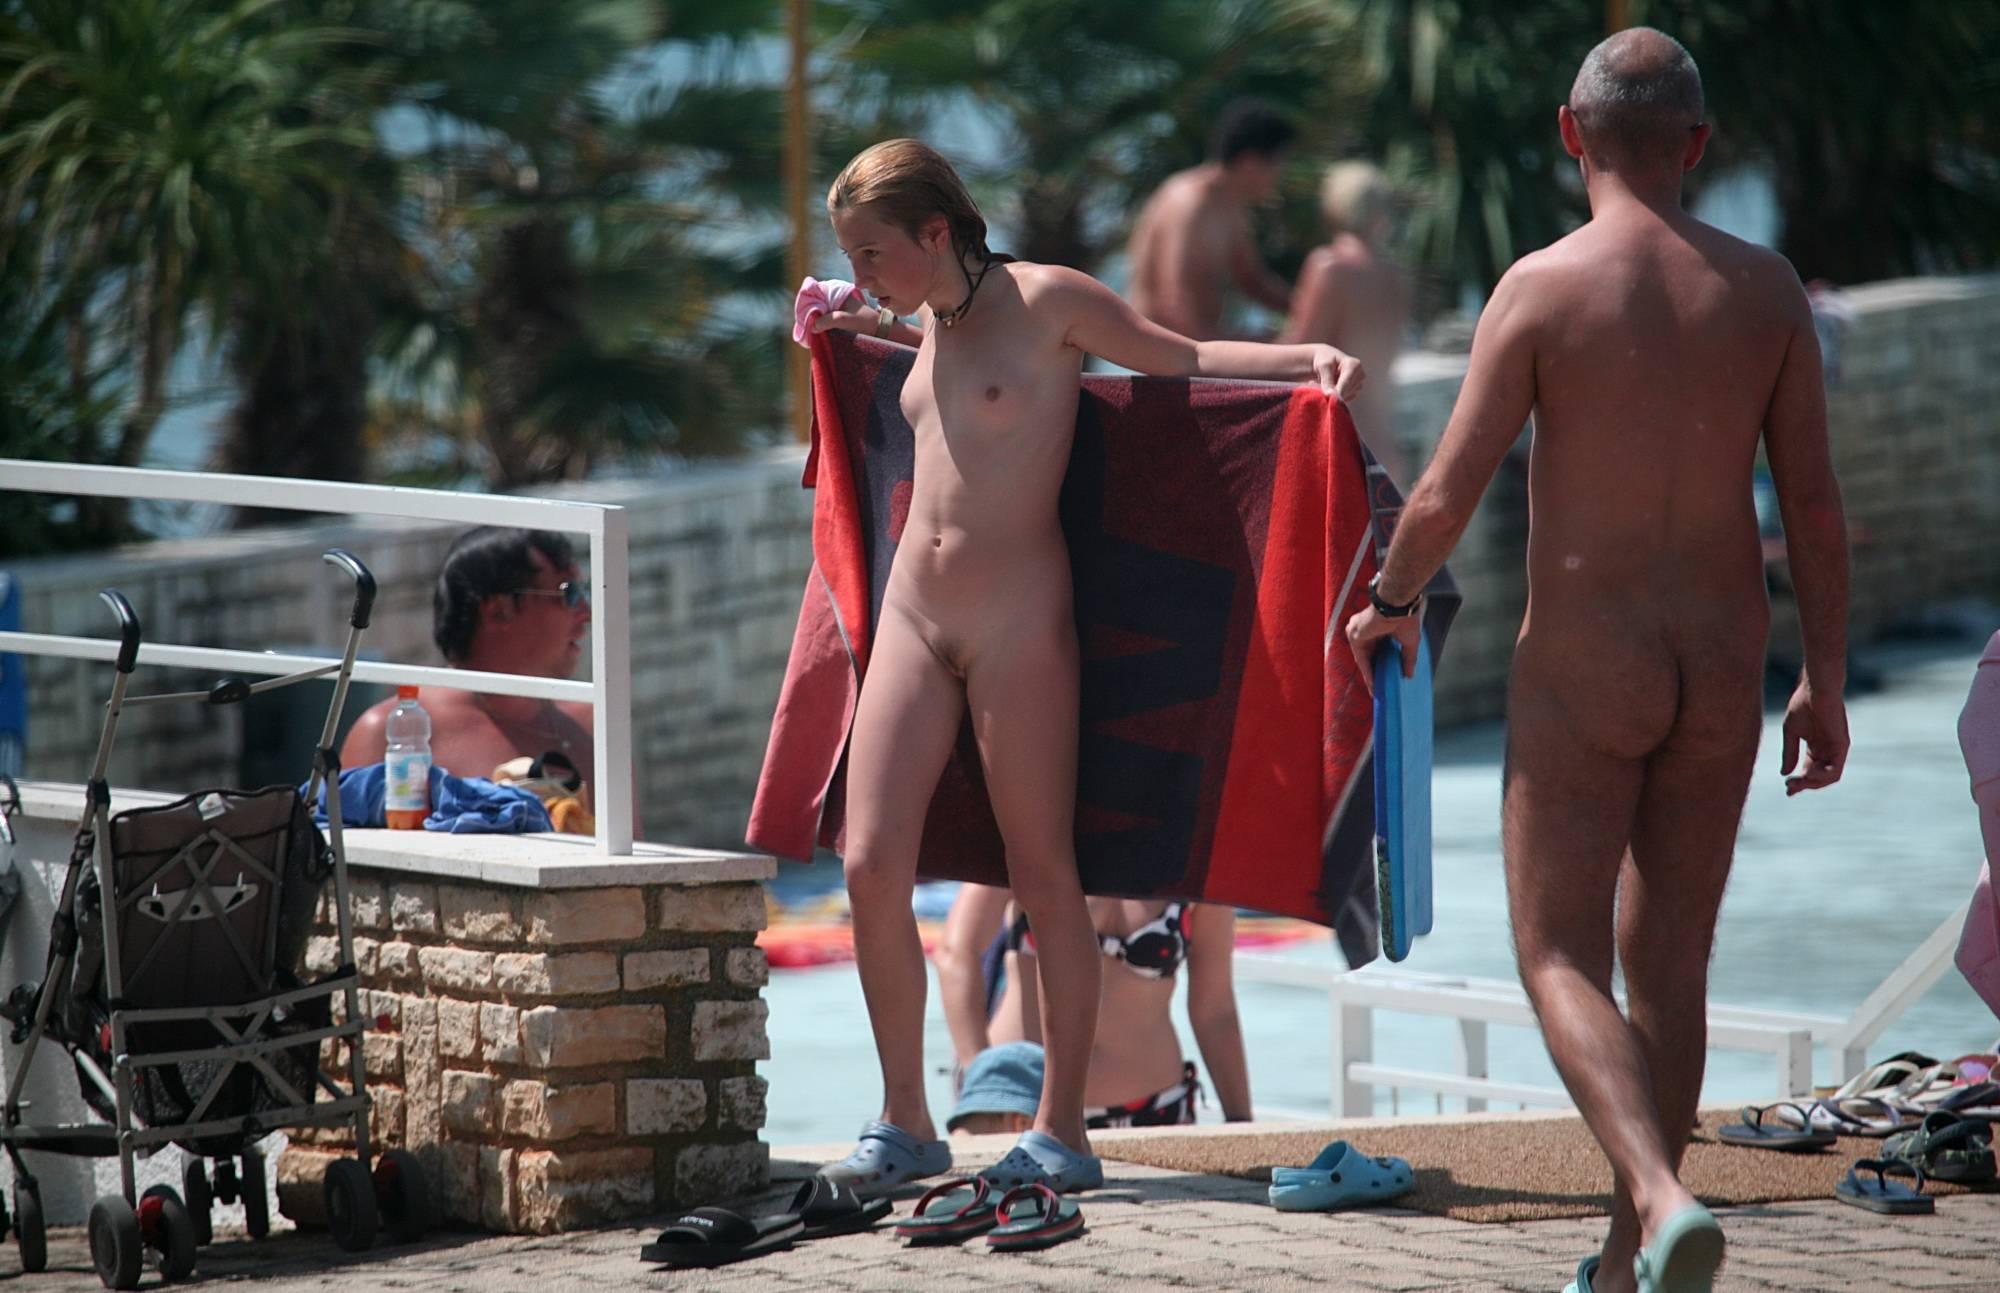 Boardwalk Biking Nudists - 2